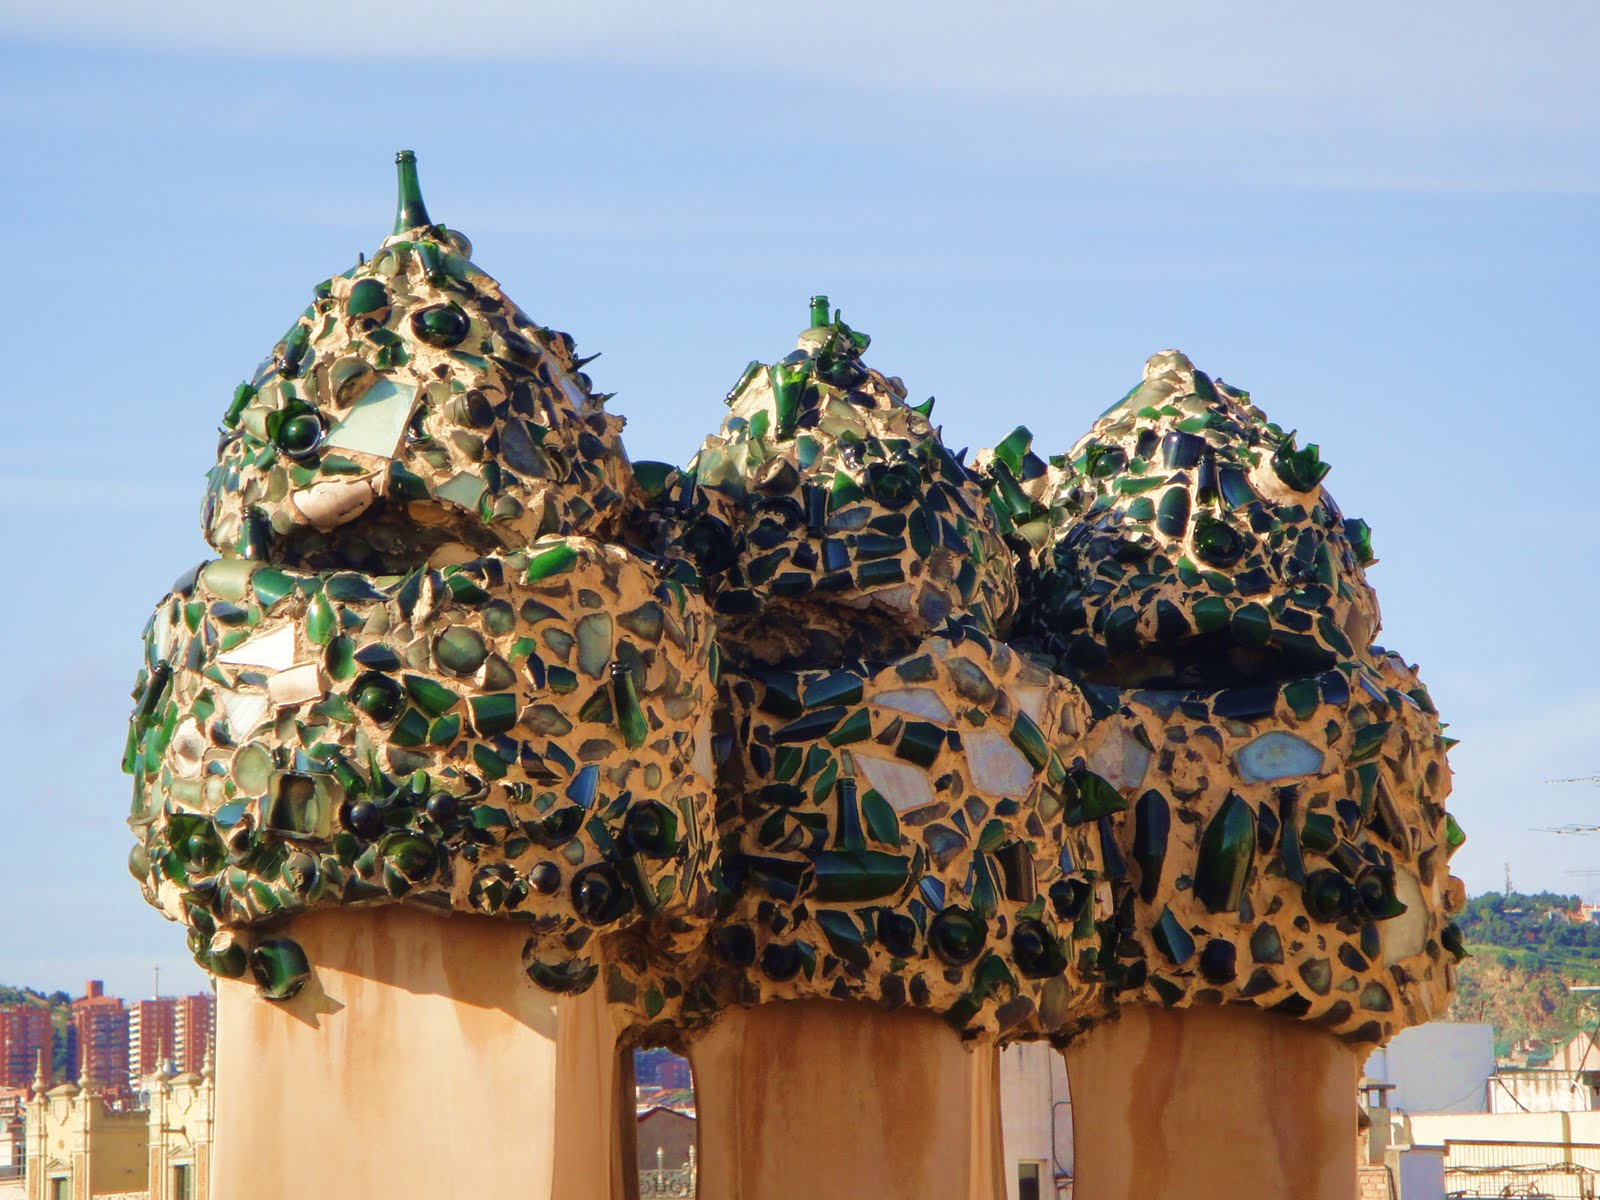 Detaliile subliniază încă o dată originalitatea lui Gaudi